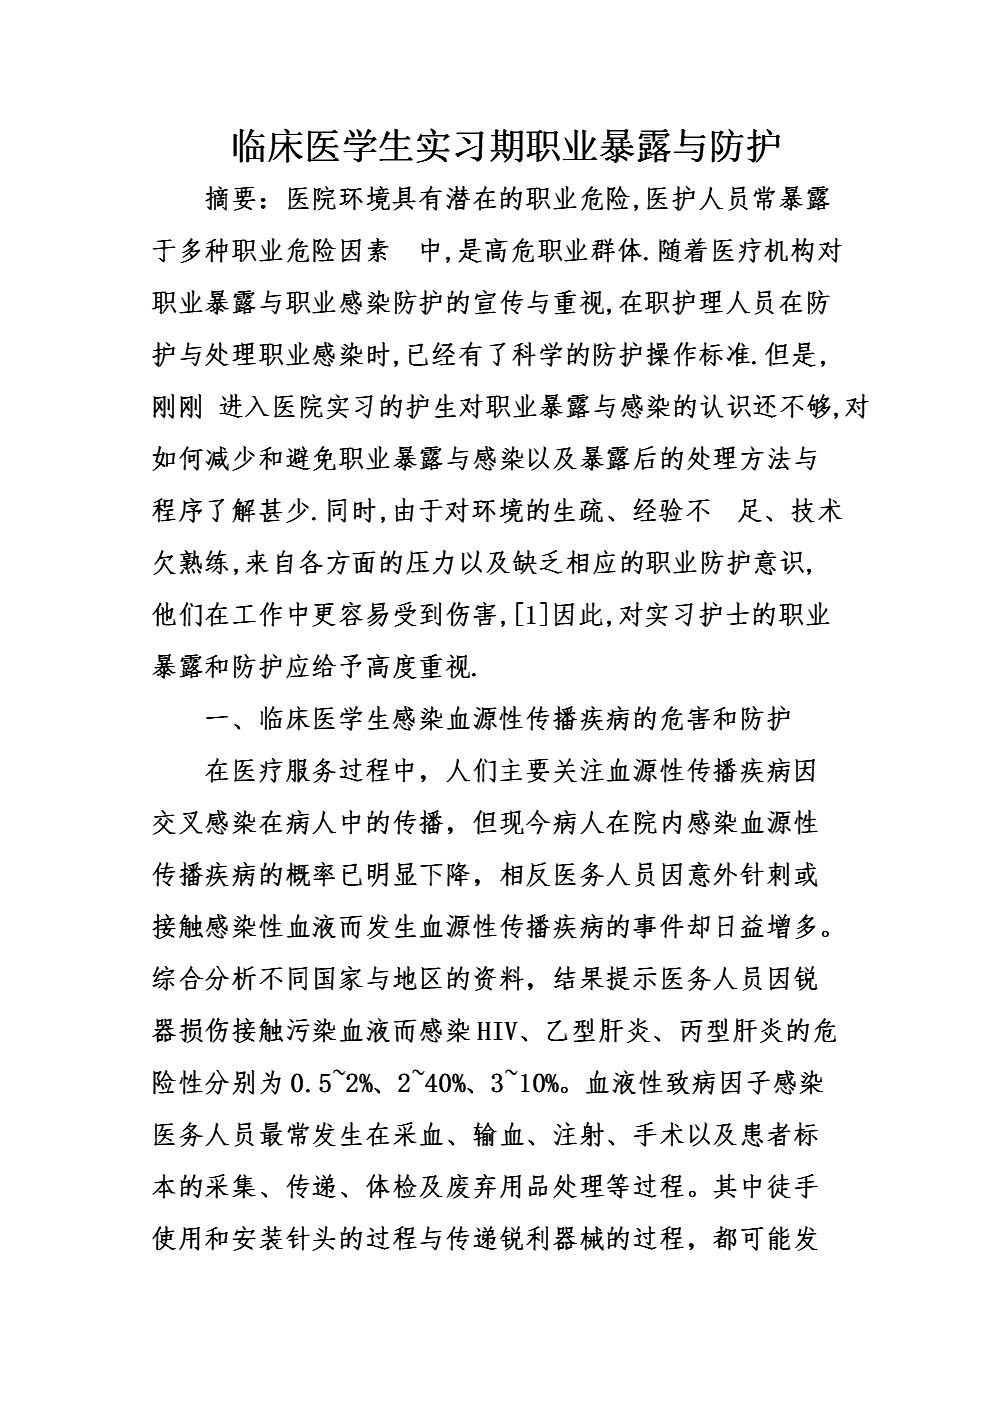 臨床醫學生實習期職業暴露與防護.doc